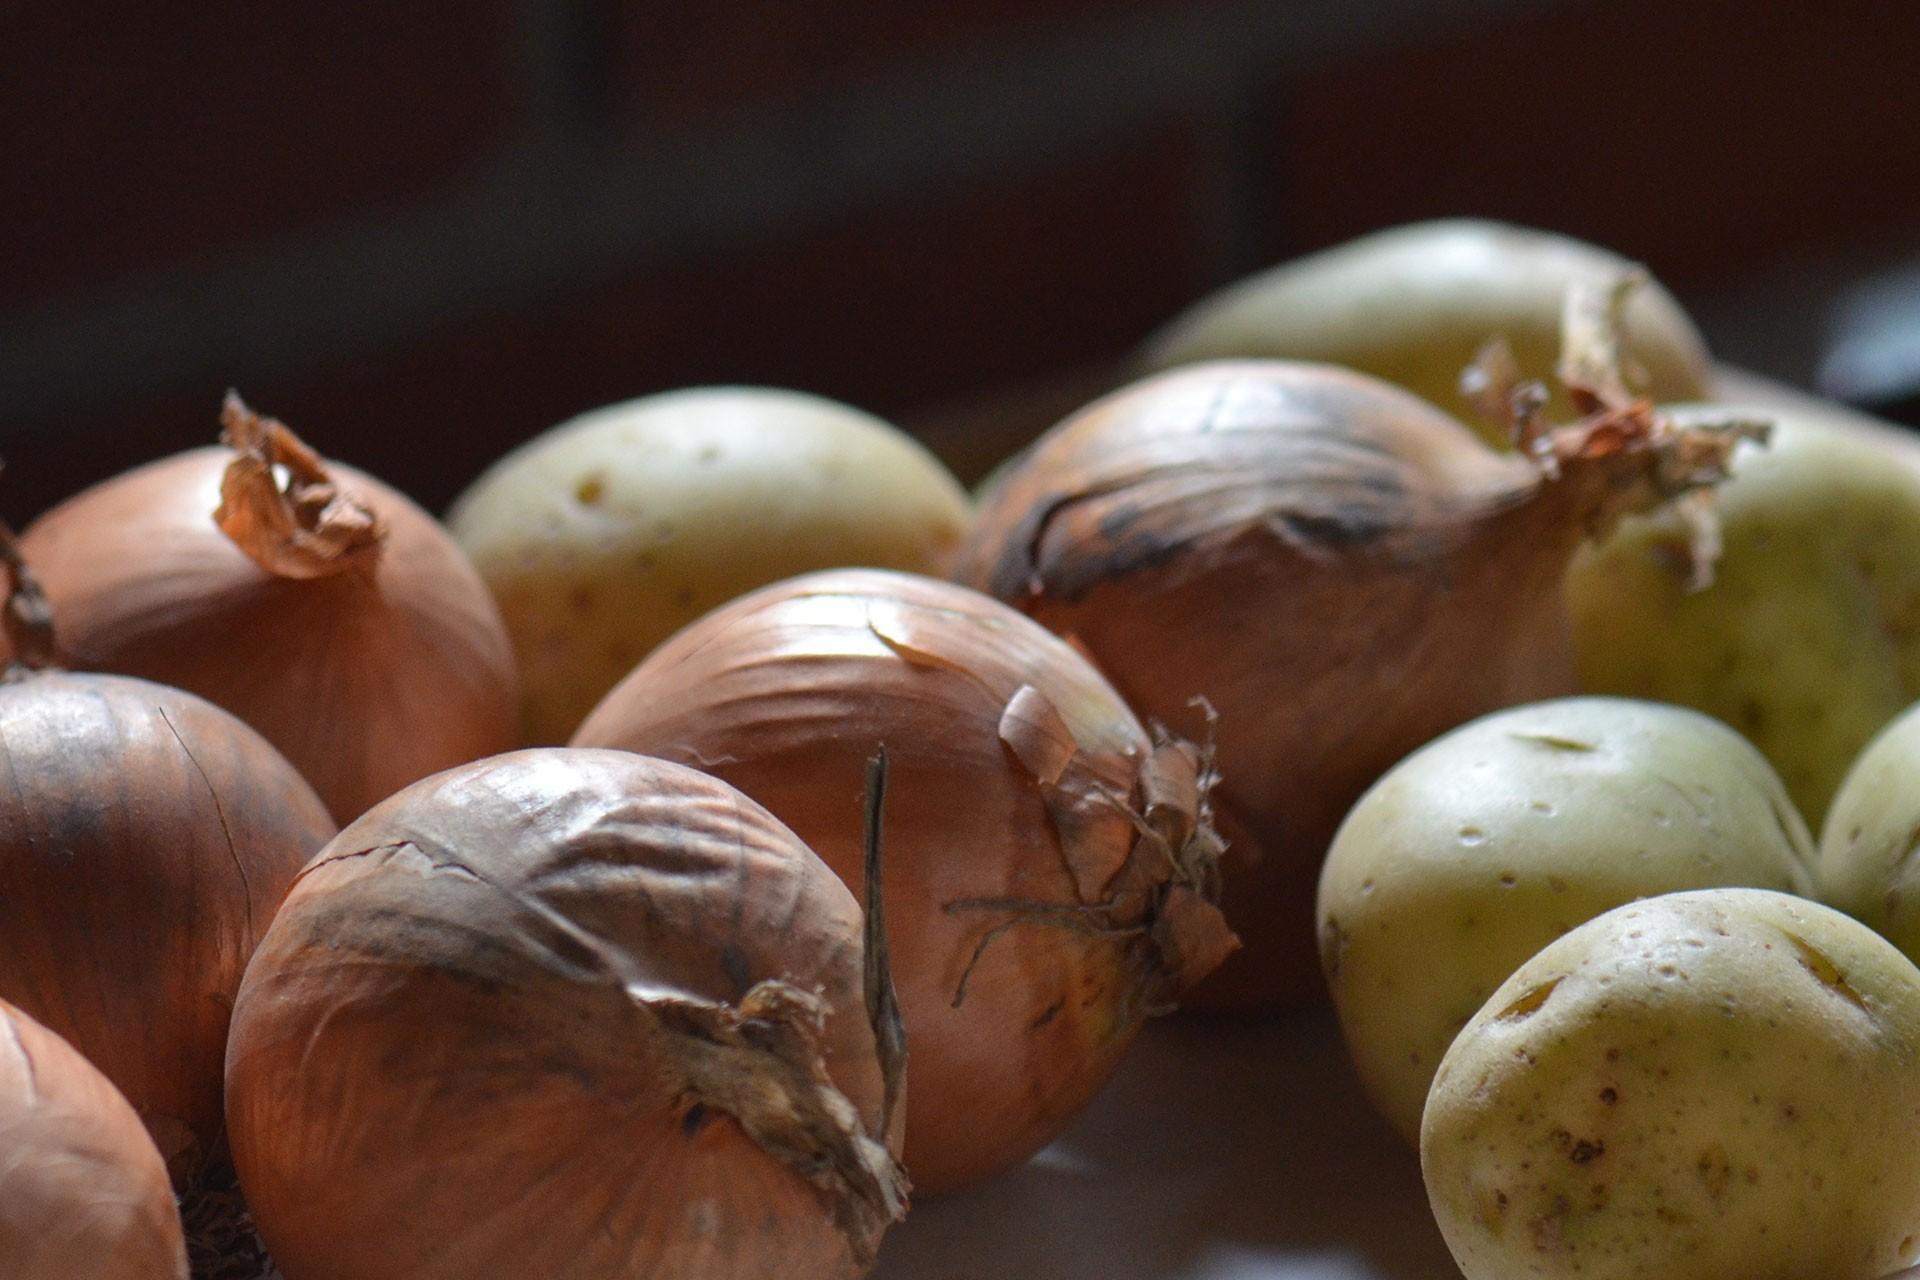 soğan ve patates